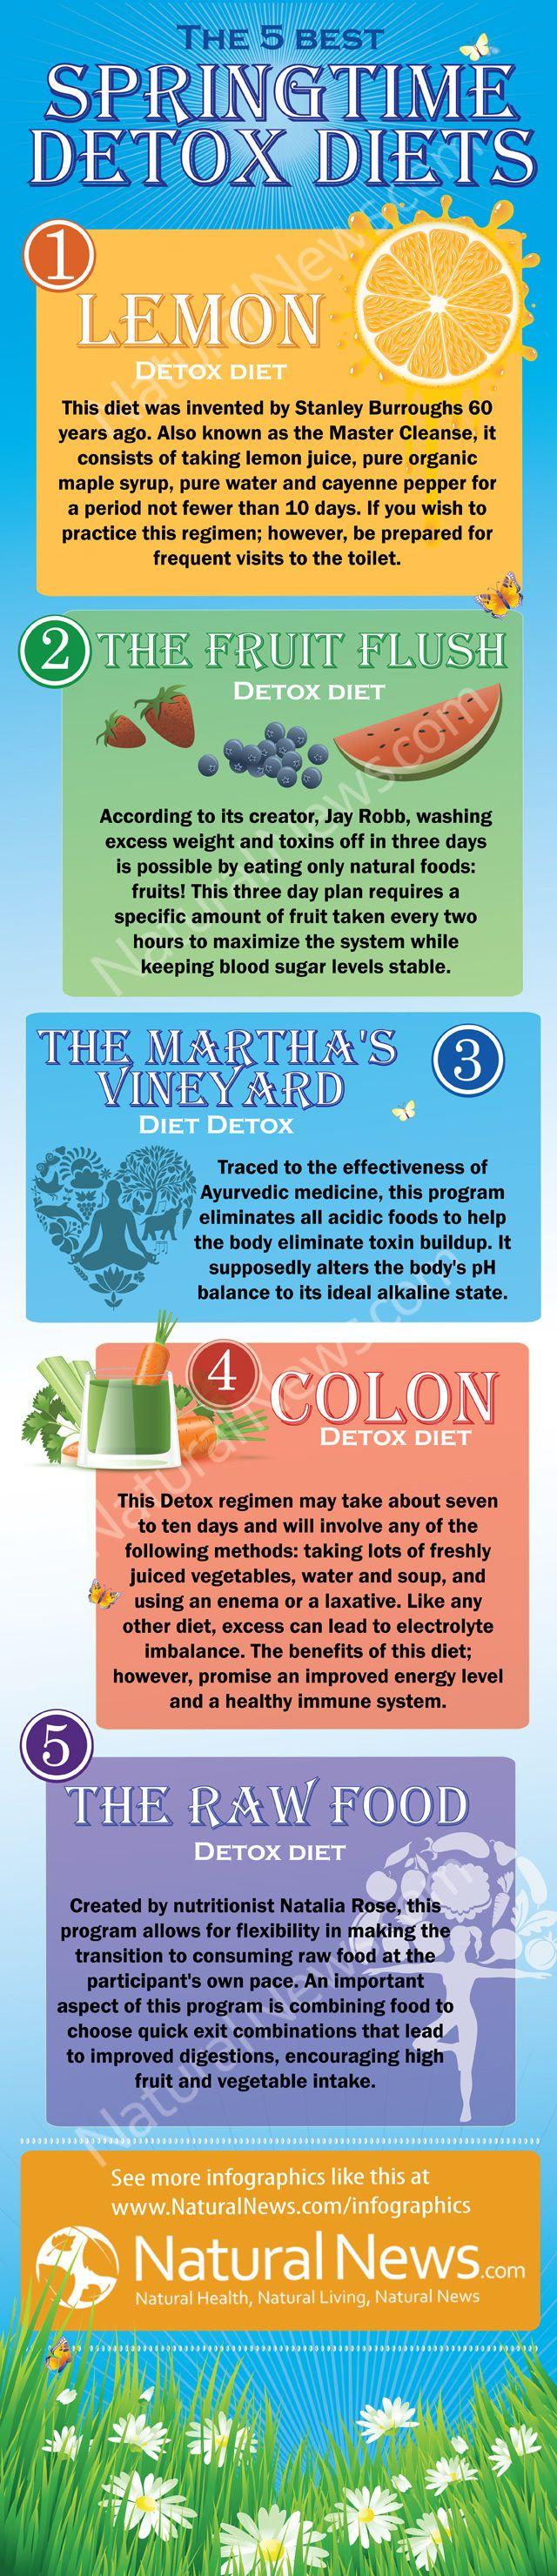 The 5 Best Springtime Detox Diets